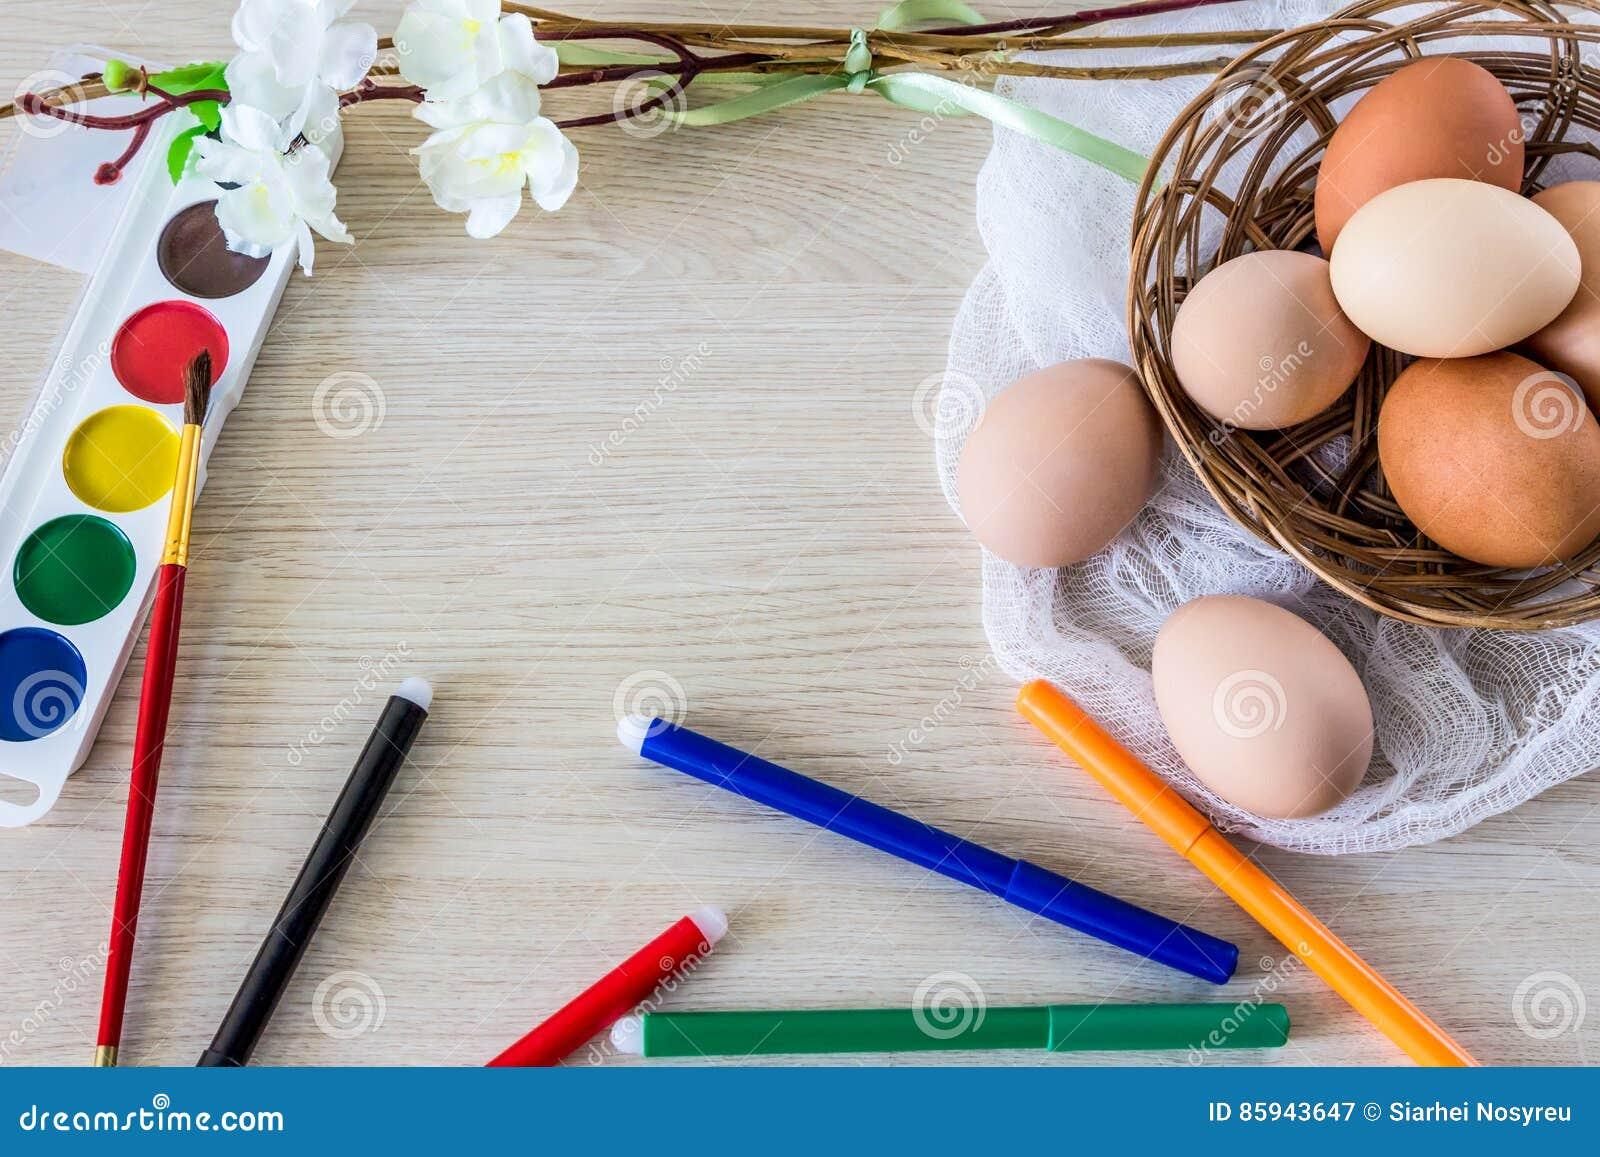 Großzügig Eier Färbung Seite Fotos - Malvorlagen Von Tieren - ngadi.info